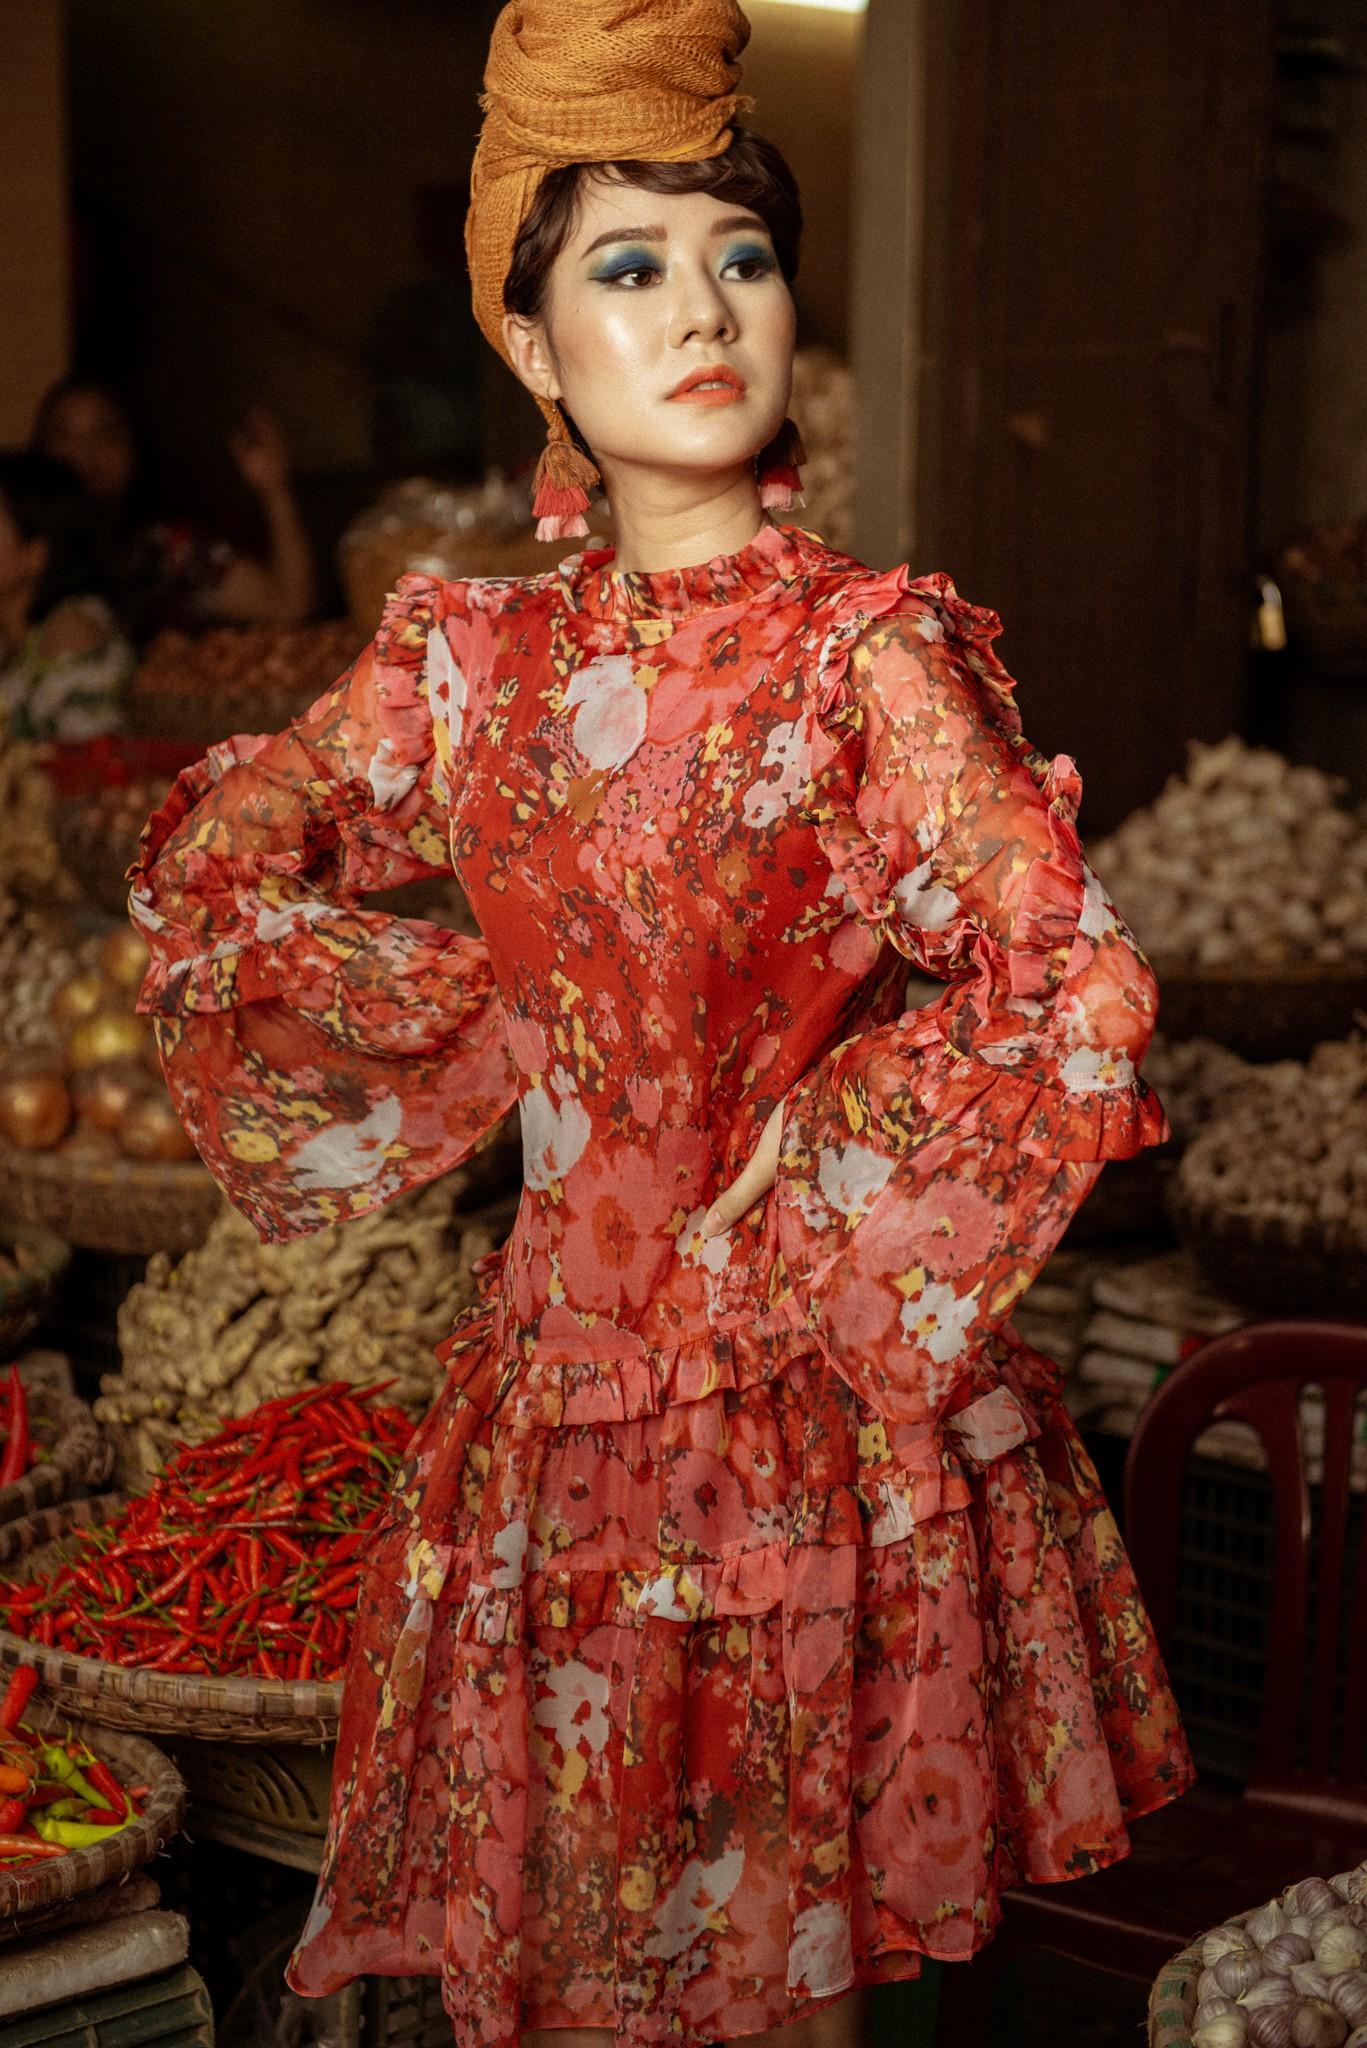 """Hoàng Kim Ngọc - Cô vợ gây sốt khi đánh ghen Thu Quỳnh ở """"Về nhà đi con"""" chẳng những giàu mà còn sang chảnh thế này - Ảnh 11."""